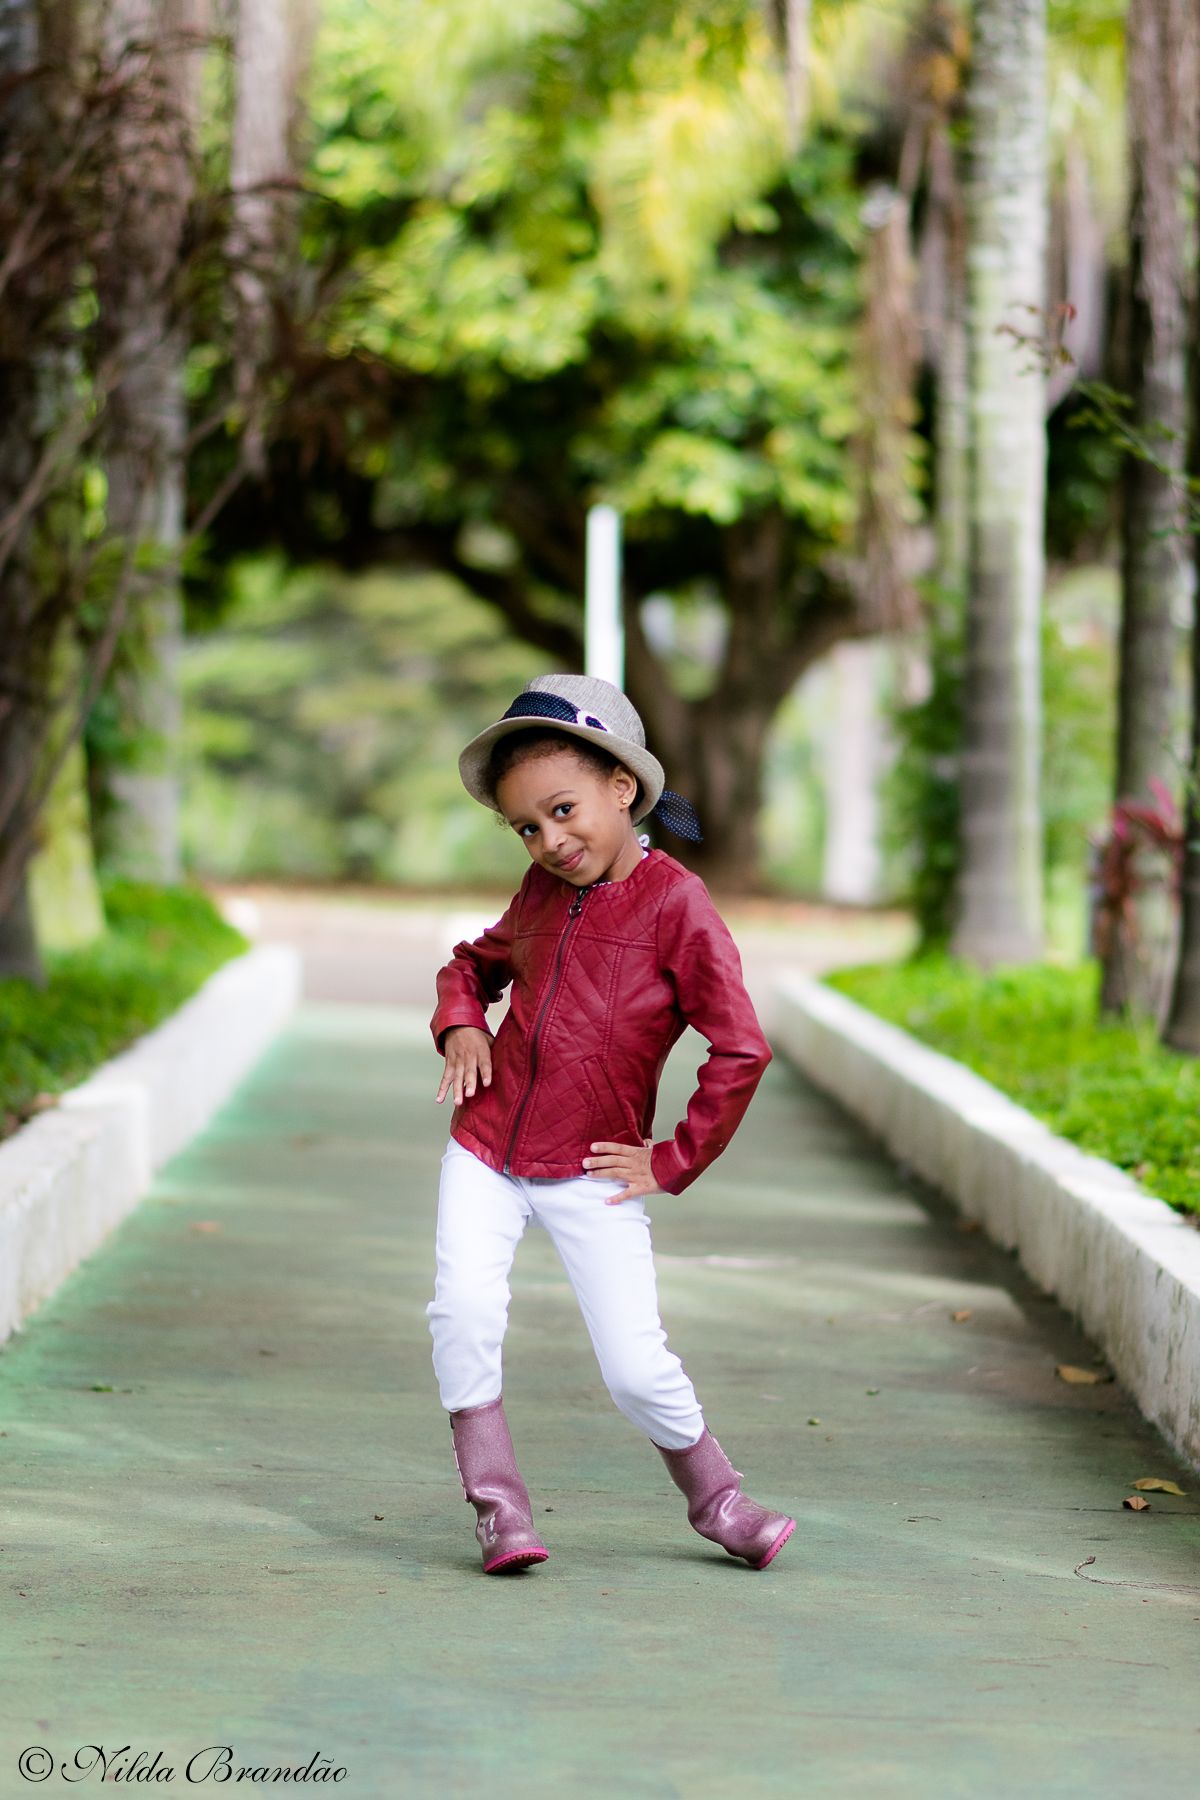 Fazendo poses de modelo, menina fashion e estilosa.